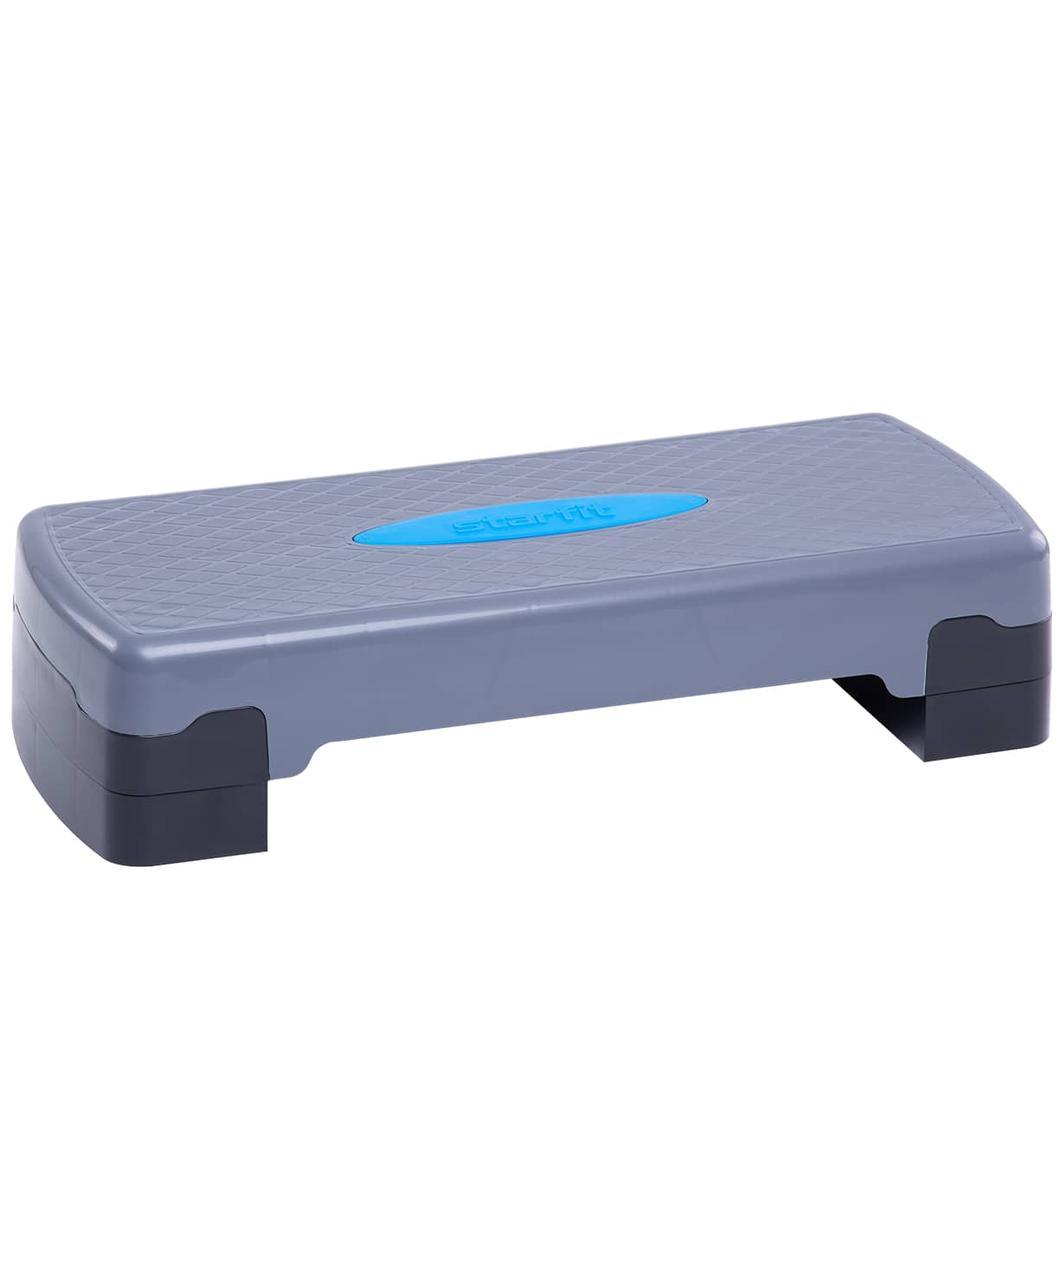 Степ-платформа SP-103 67,5х28,5х15 см, 2-уровневая Starfit